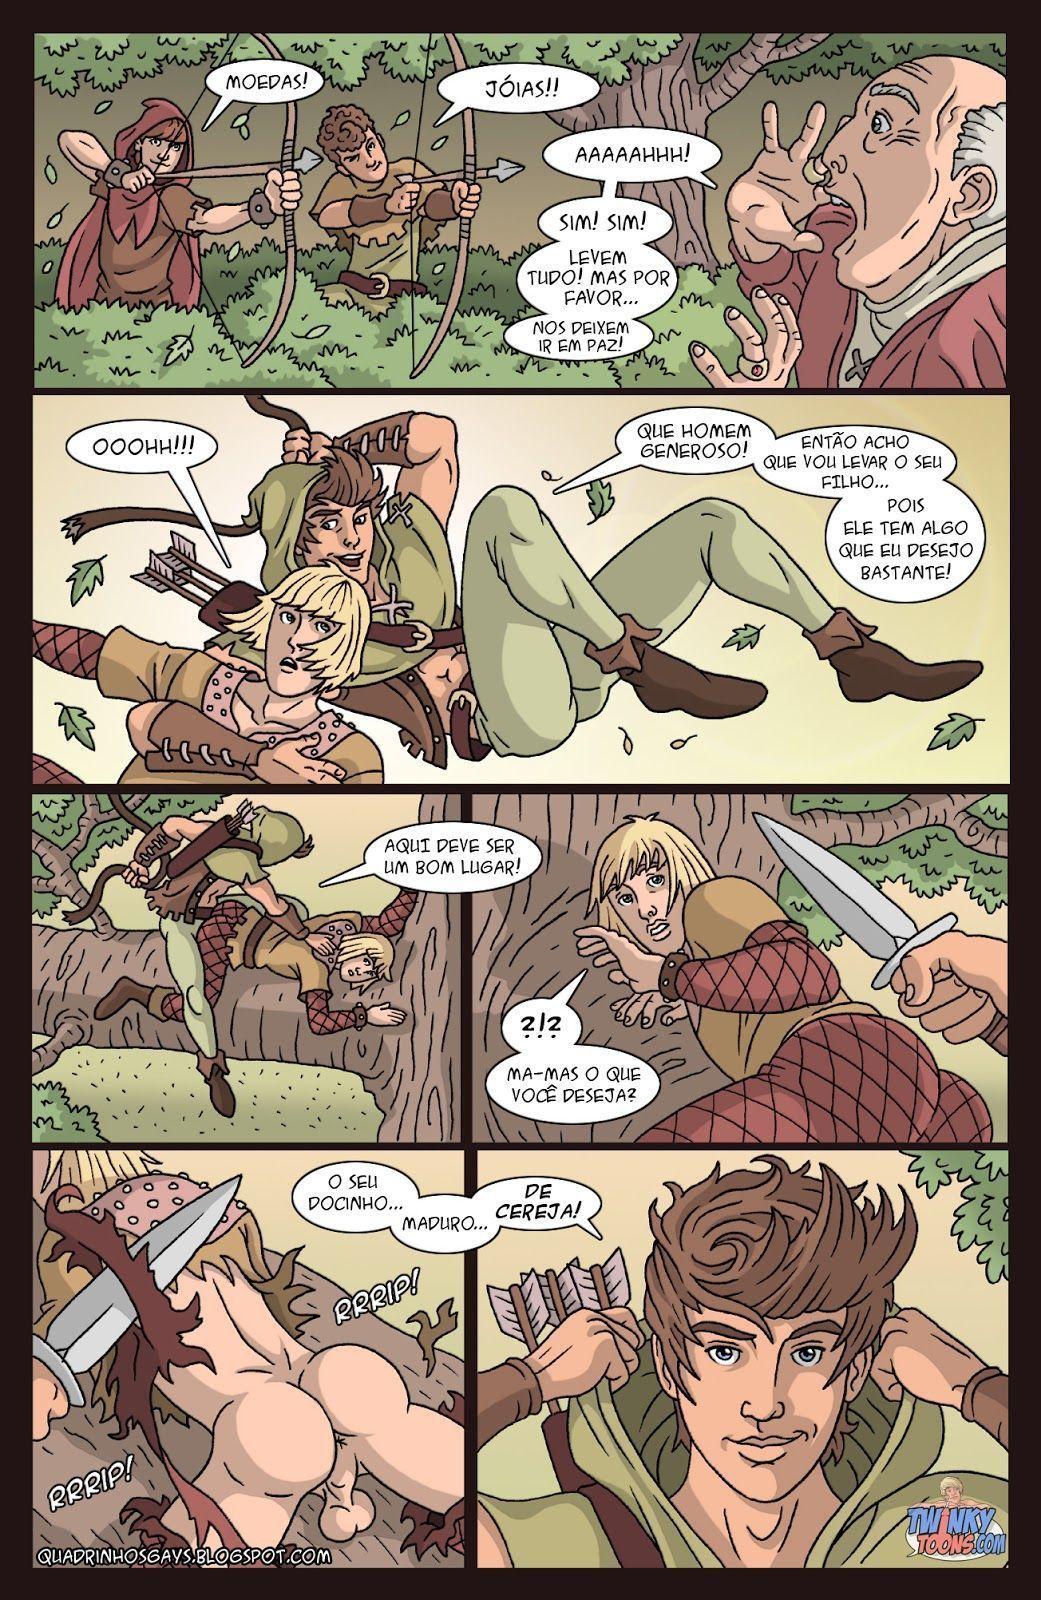 Quadrinhos Gay - A lenda de Robin Hood - HQs Adulto